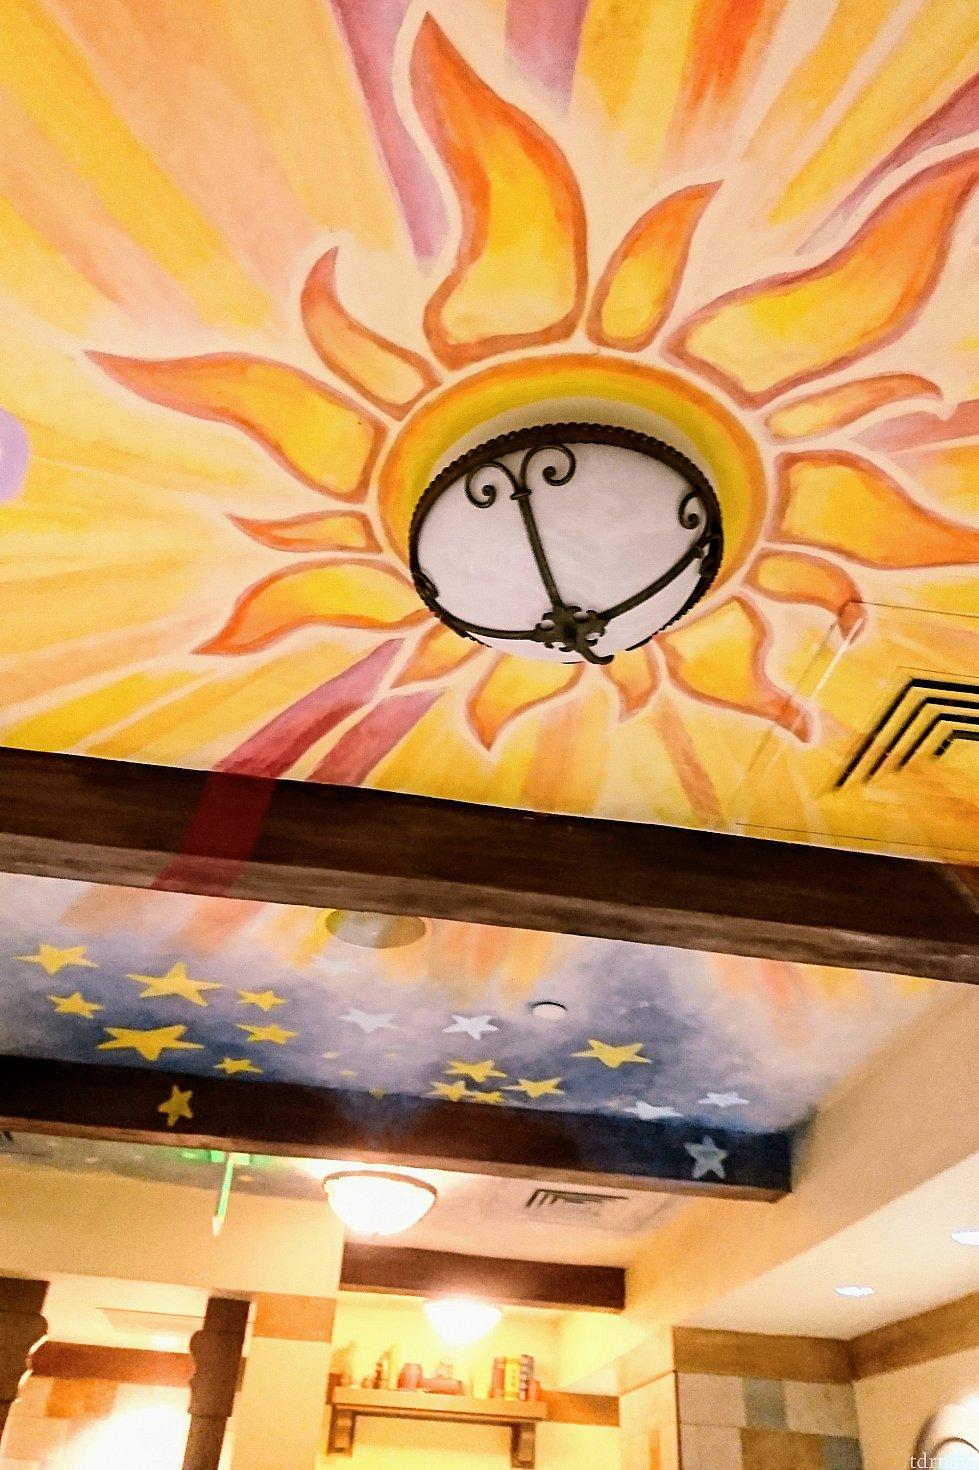 天井画が素敵です!ここだけライトがオフなのは見やすいように配慮してくれたのかな?